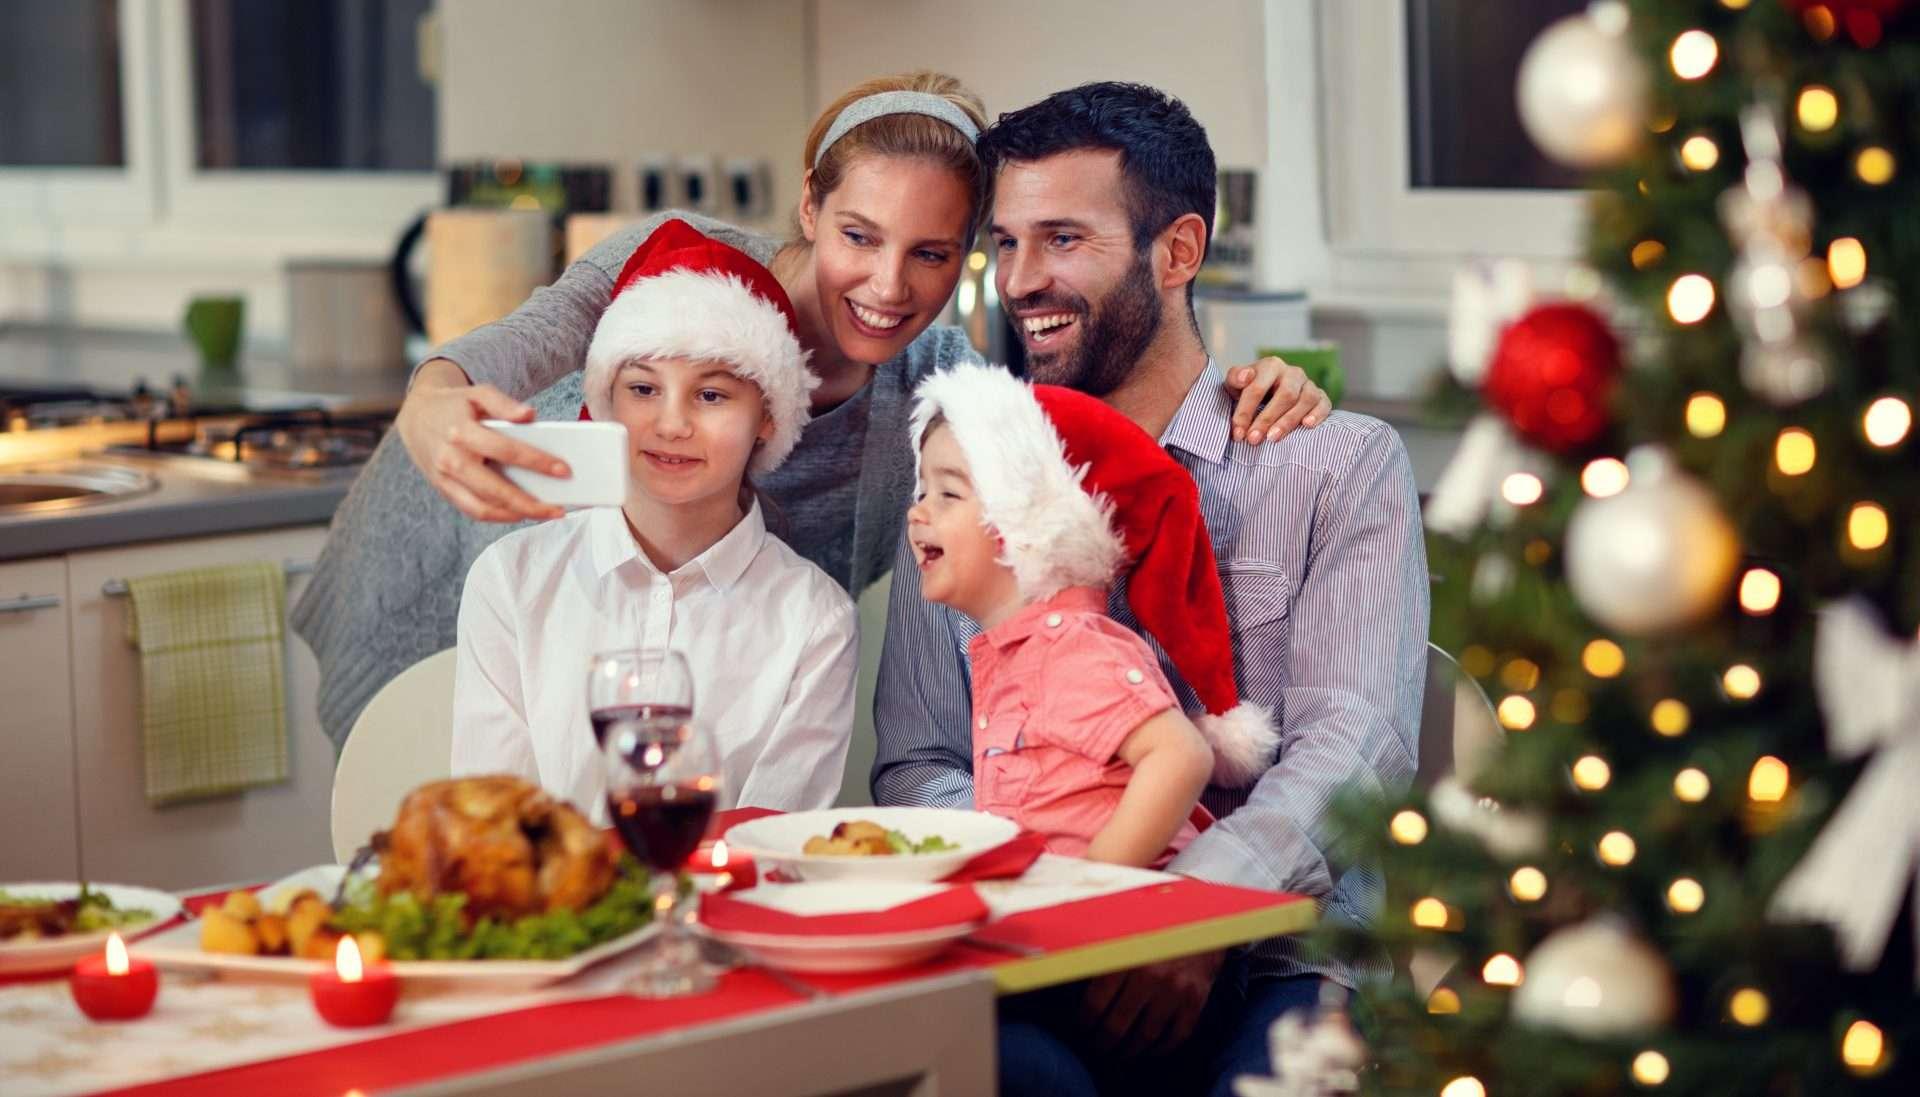 3 ألعاب للعائلات في عيد الميلاد المجيد – الكريسماس